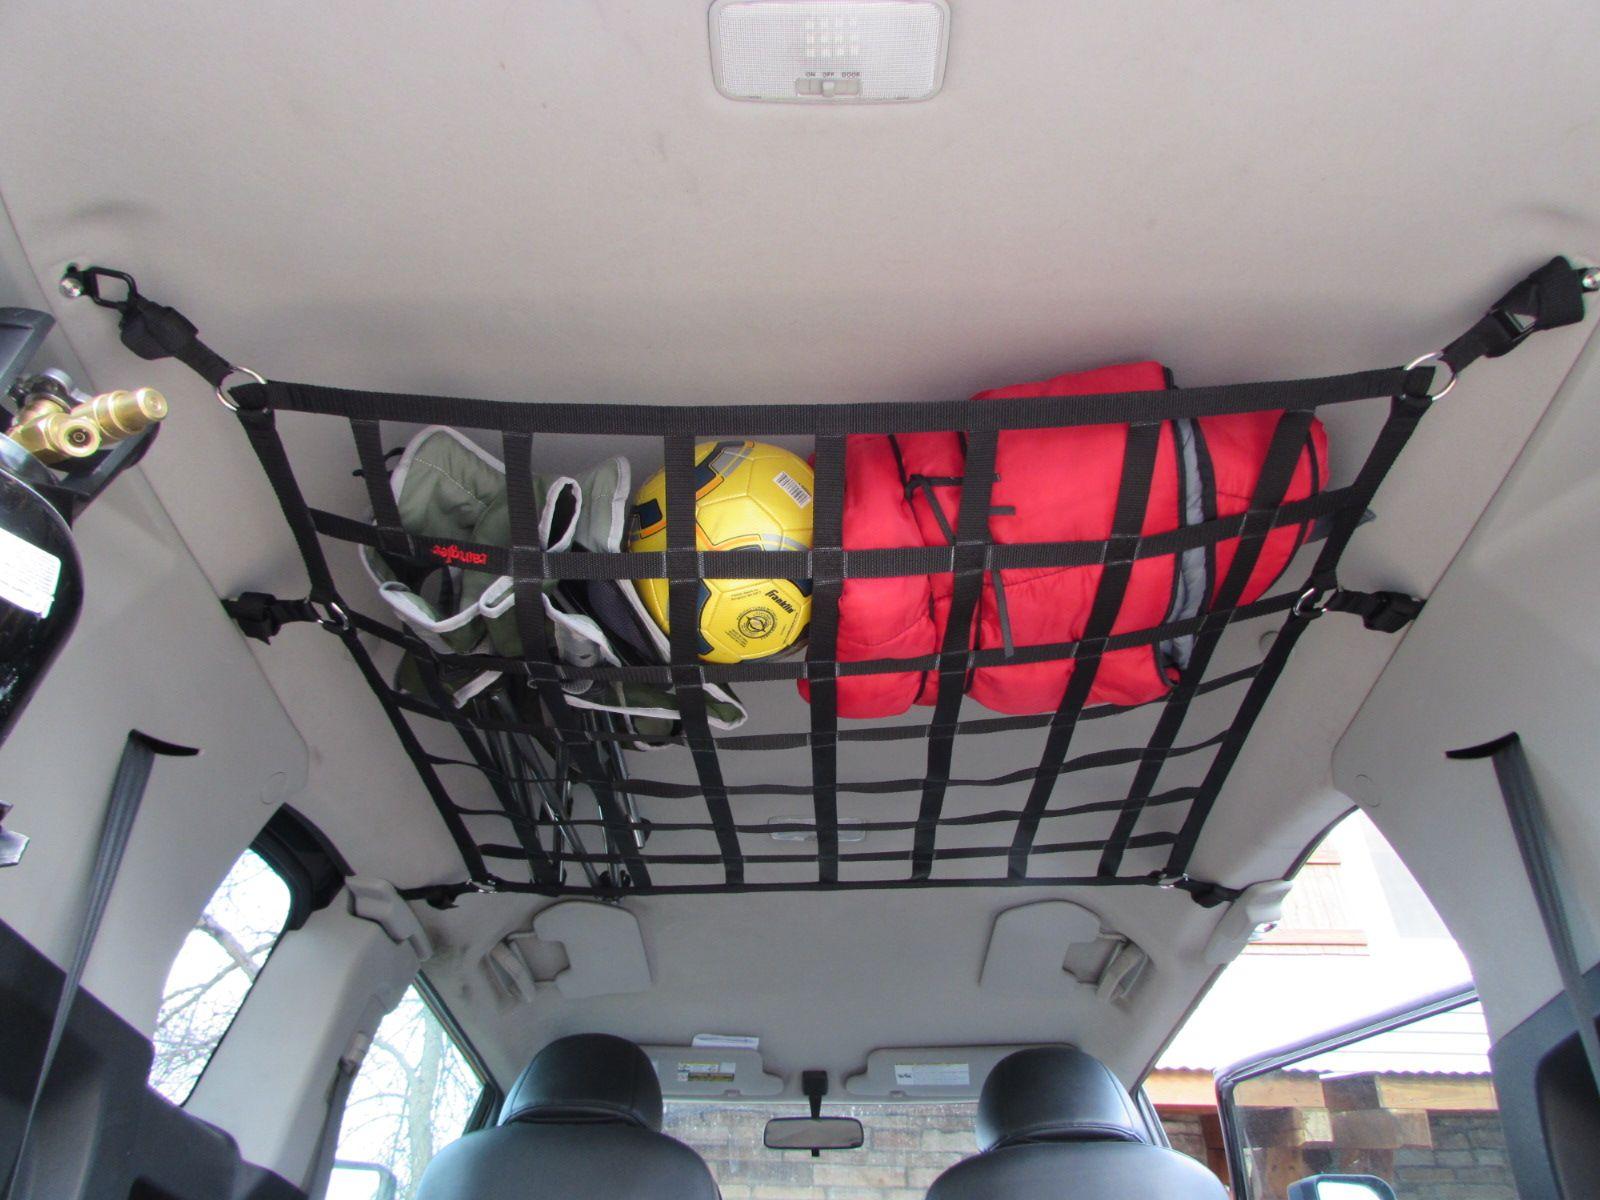 fj cruiser ceiling  front seat barrier net toyotagear rainglernets httpwwwrainglercom